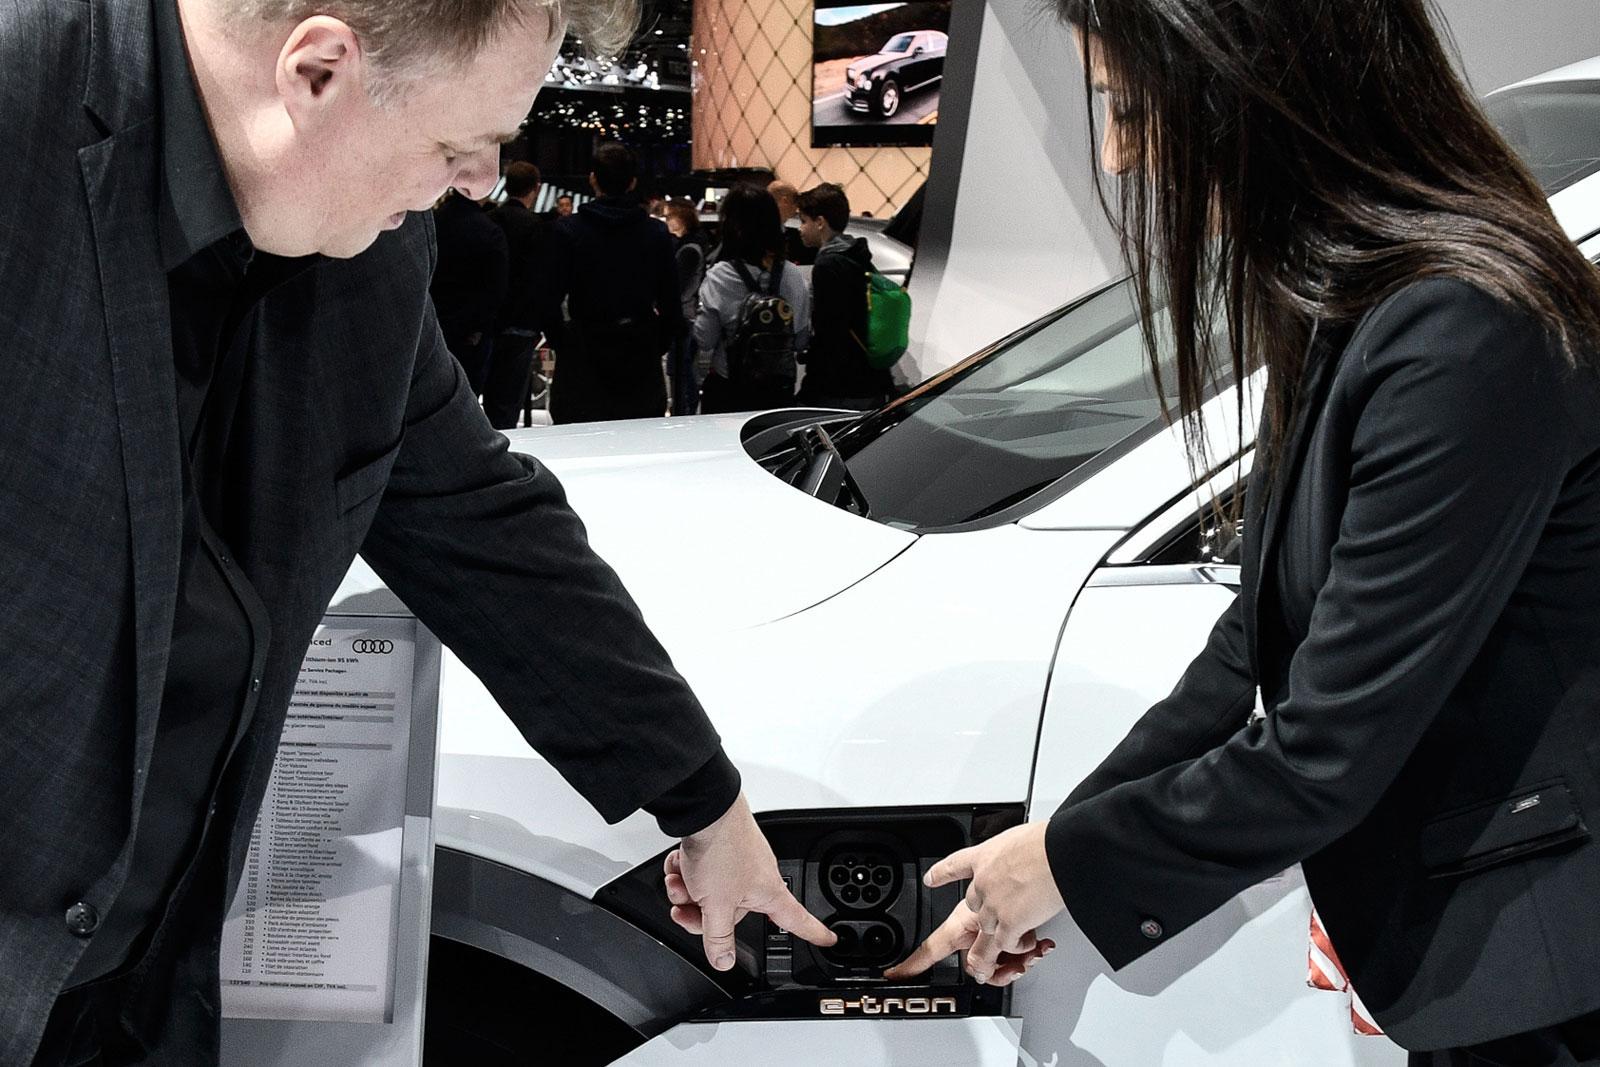 «Le auto elettriche si affermeranno nelle città e nei grossi agglomerati urbani e industriali»: Lars Thomsen esamina il connettore di ricarica di un'Audi e-tron.